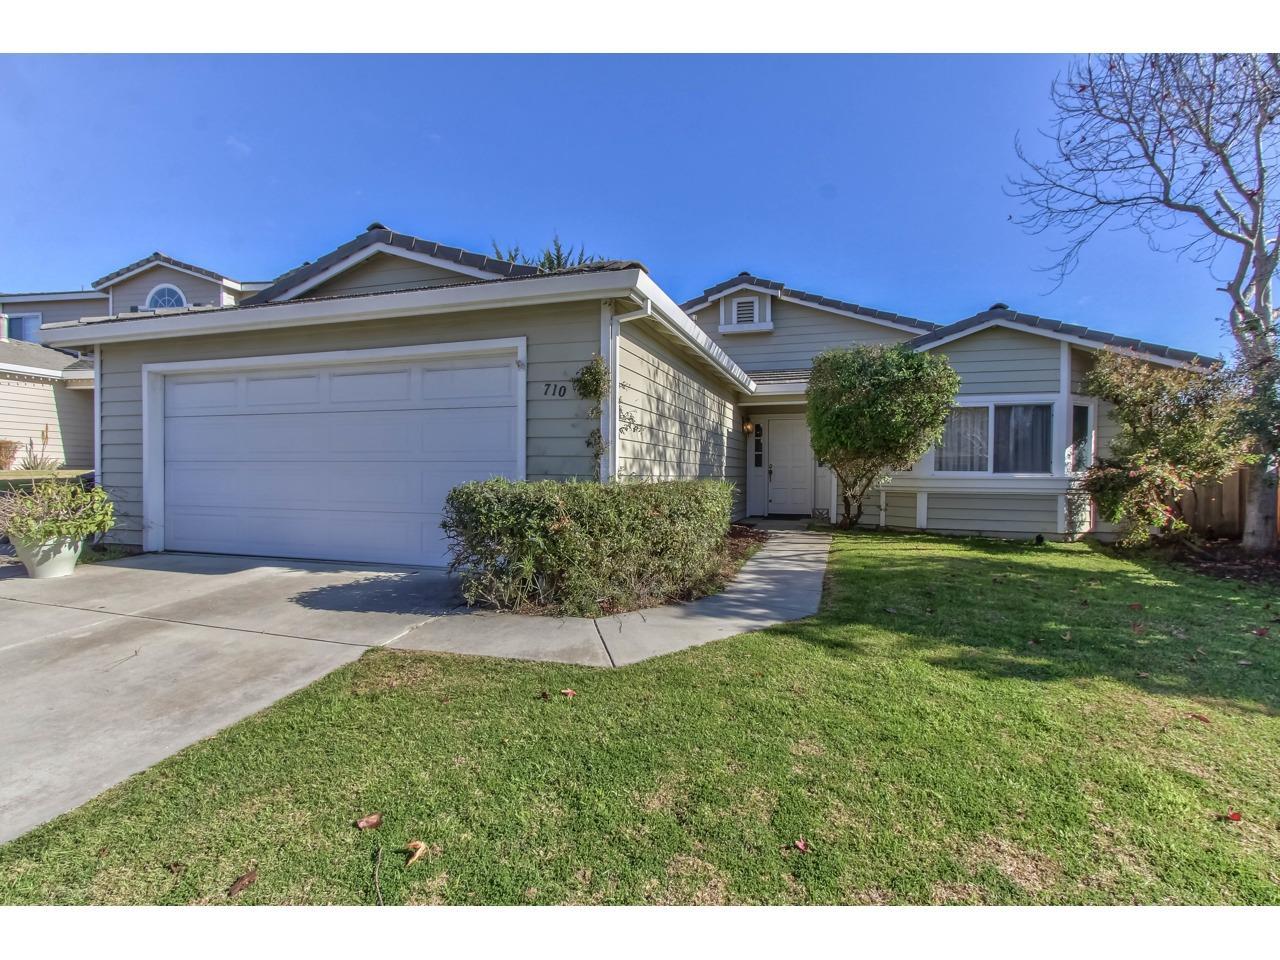 710 Potrero Way Salinas, California 93907, 3 Bedrooms Bedrooms, ,2 BathroomsBathrooms,Residential,For Sale,710 Potrero Way,ML81736640